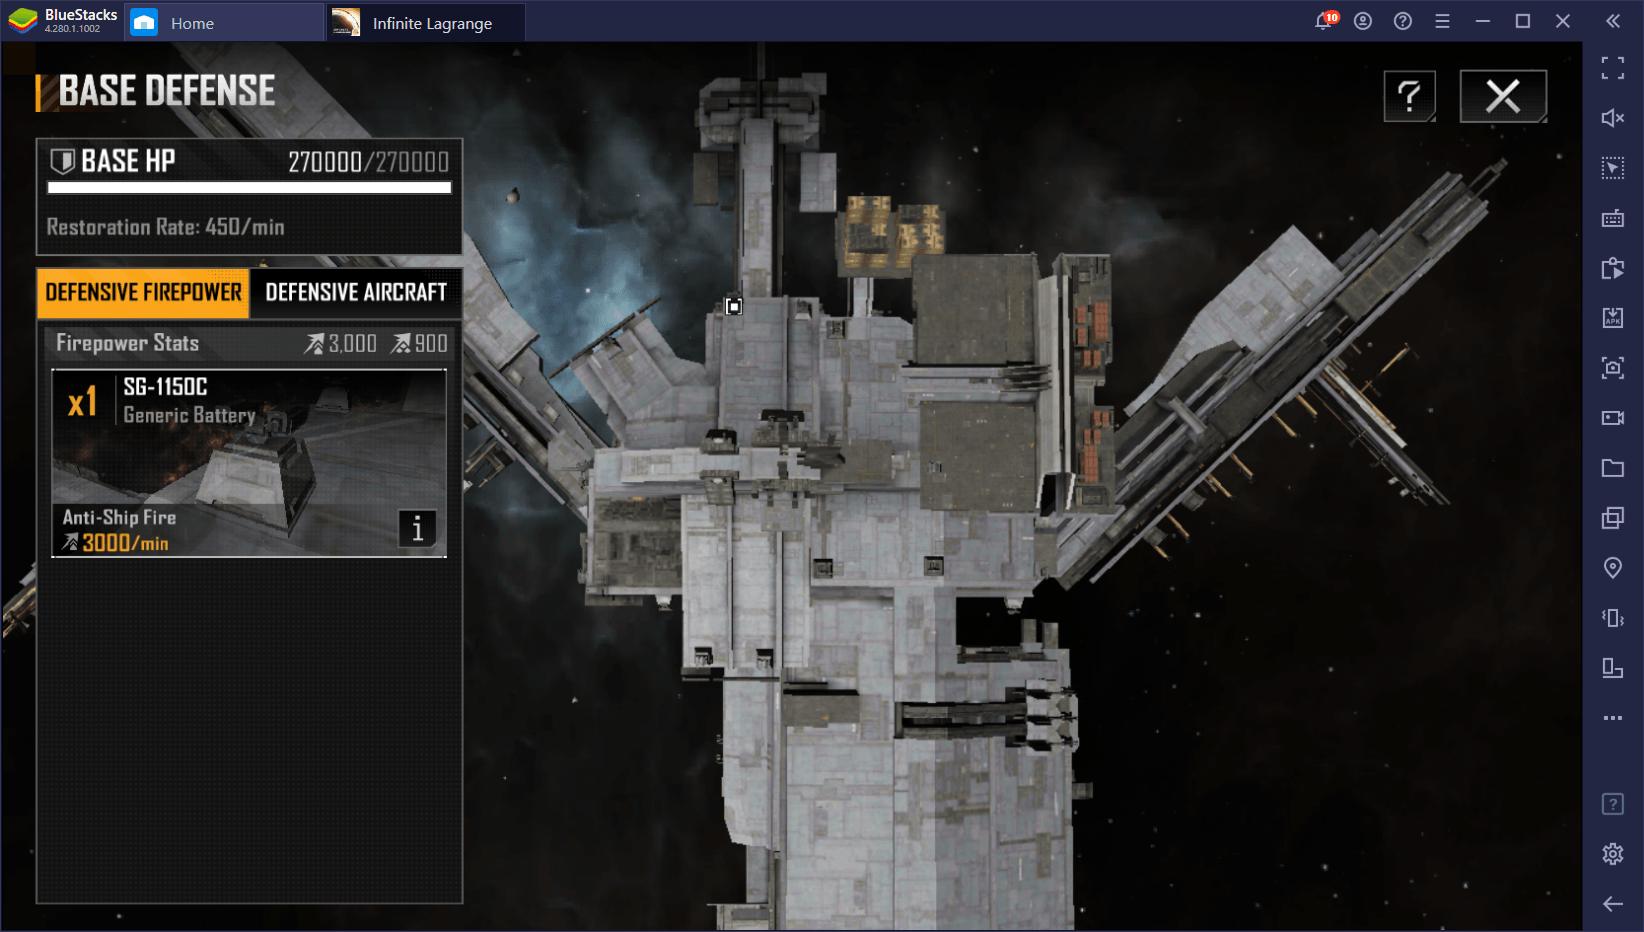 Infinite Lagrange sur PC – Comment Construire et Développer Votre Base